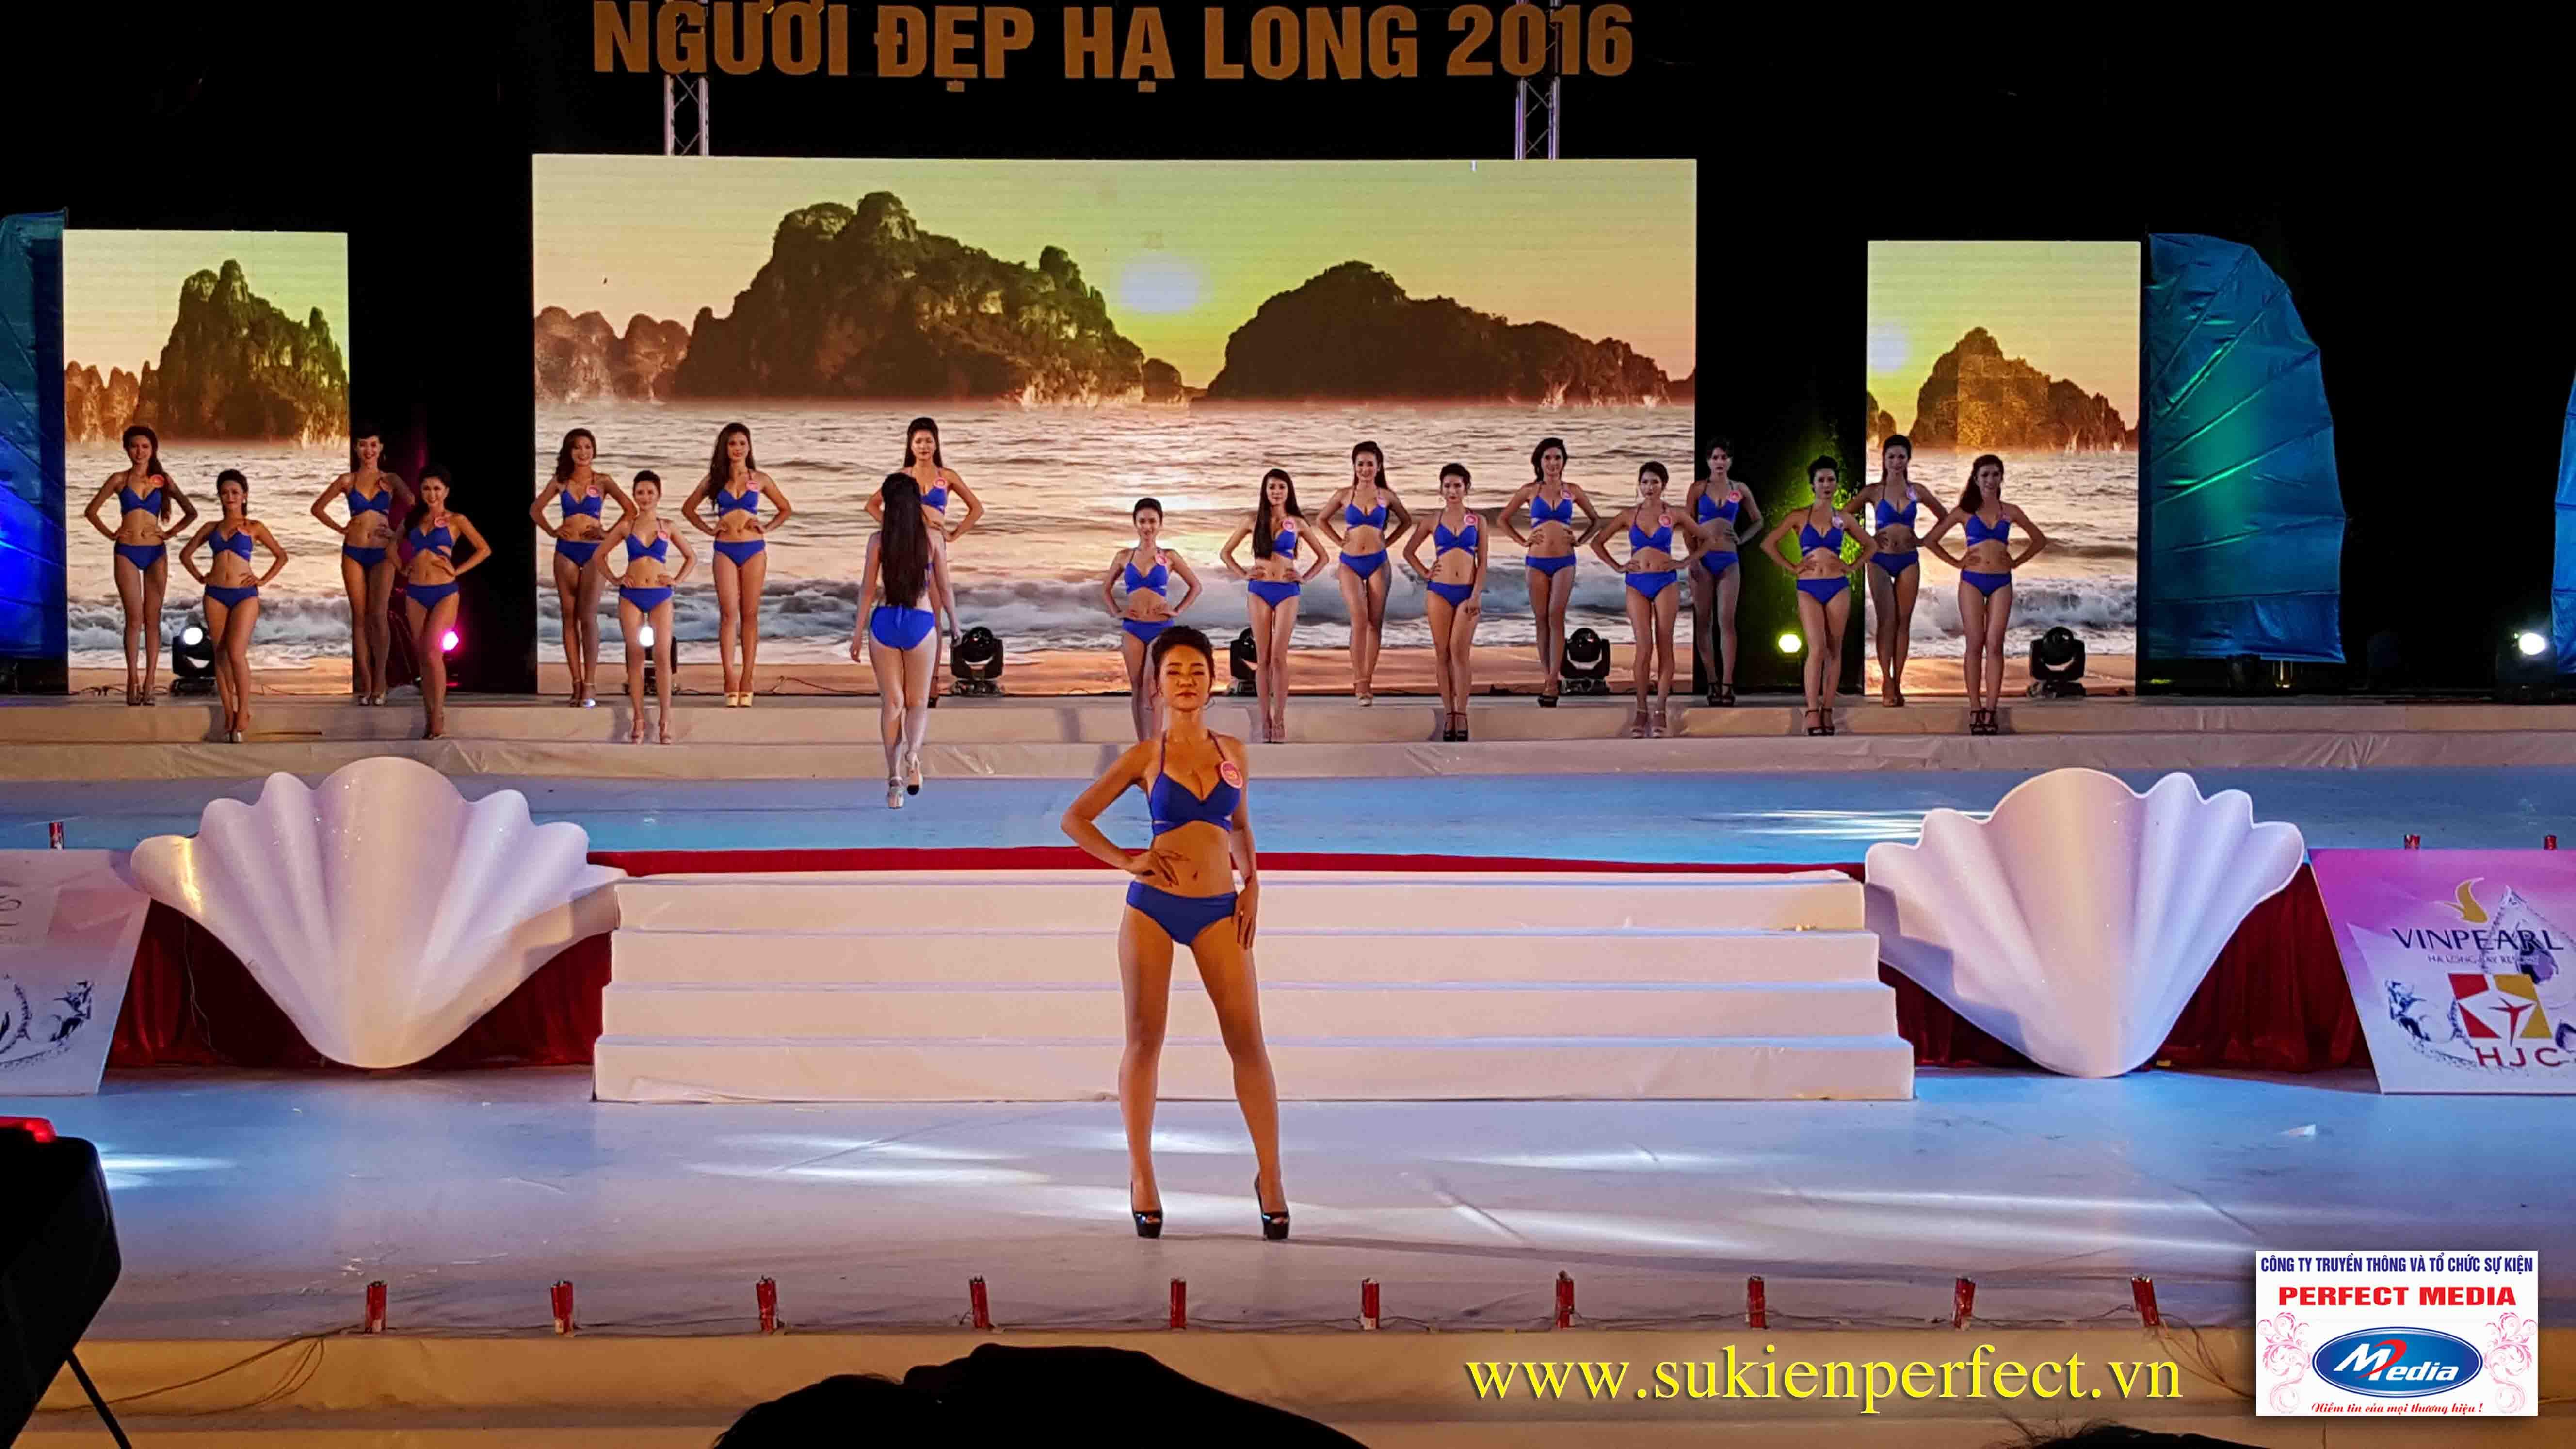 Hình ảnh các người đẹp trong chương trình Người đẹp Hạ Long 2016 – Bikini 06